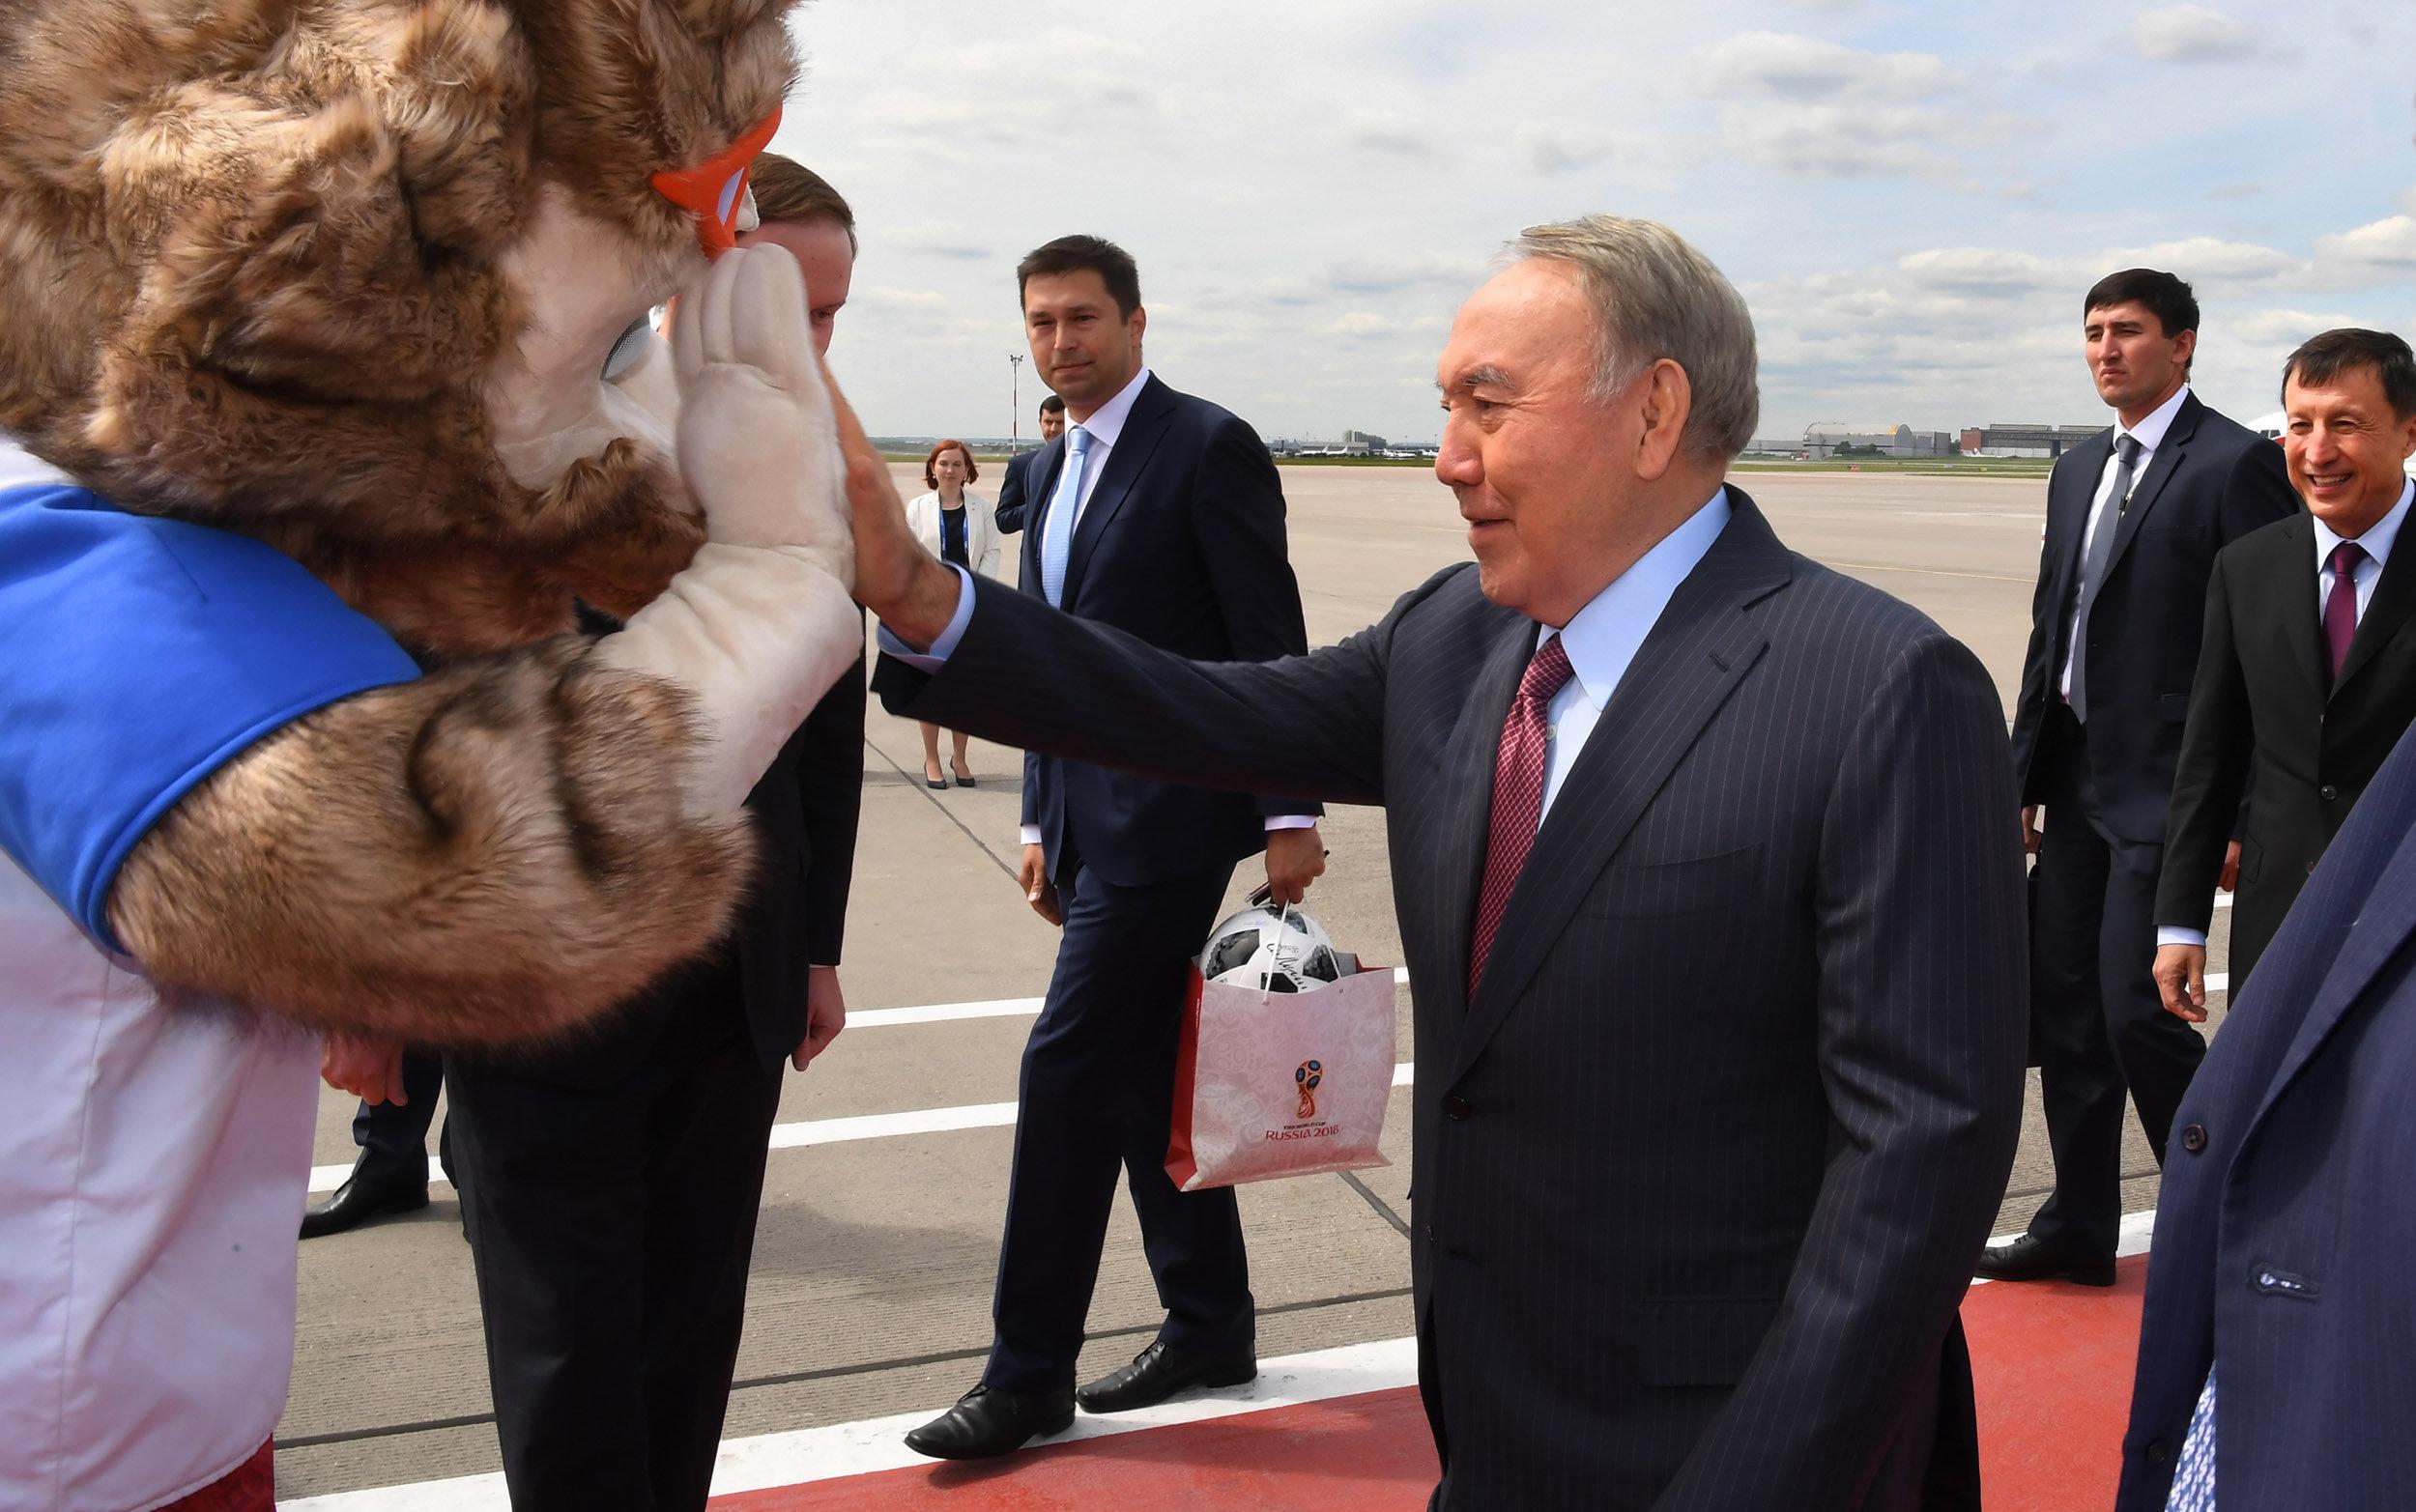 В рамках рабочего визита в Москве планируется участие Нурсултана Назарбаева в церемонии открытия чемпионата мира по футболу 2018 года